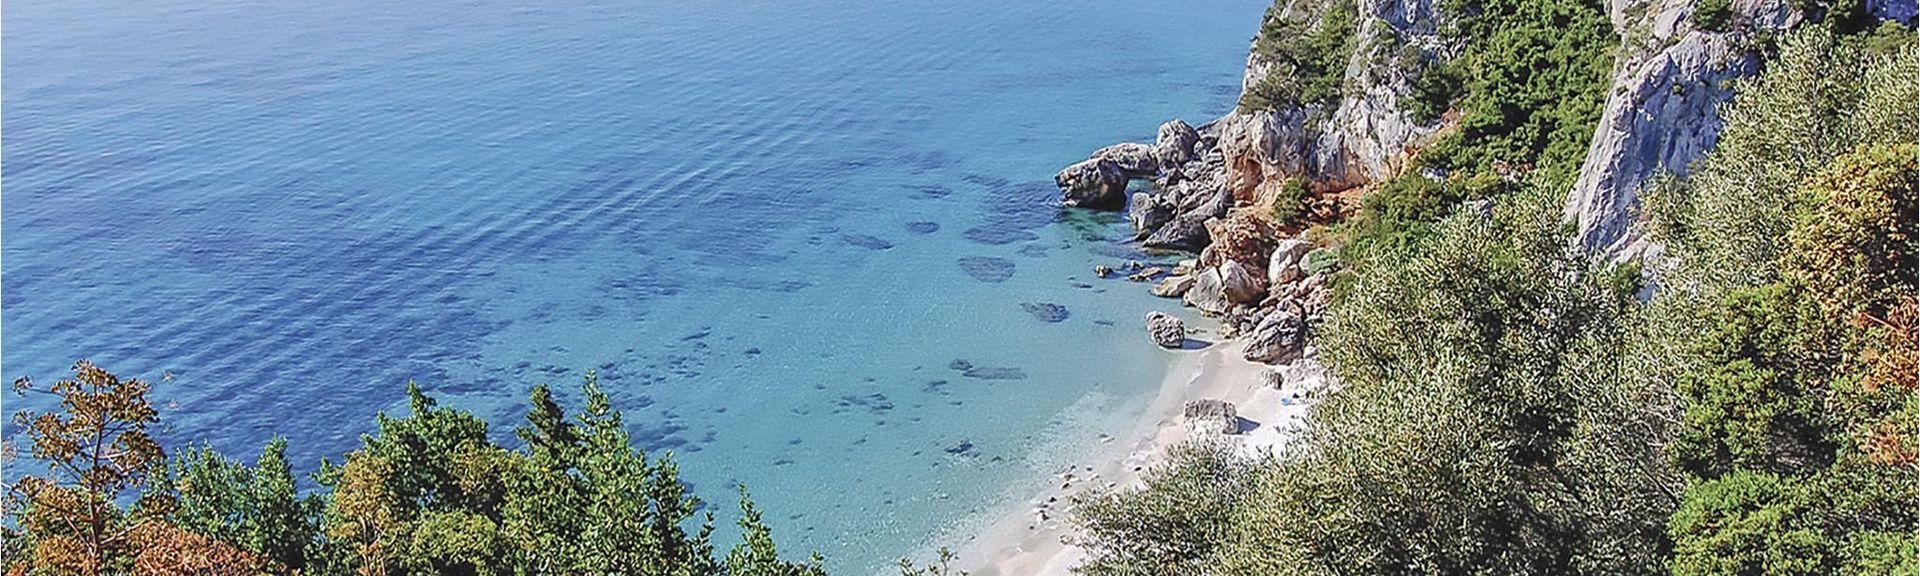 Nuoro, Sardinië, Italië